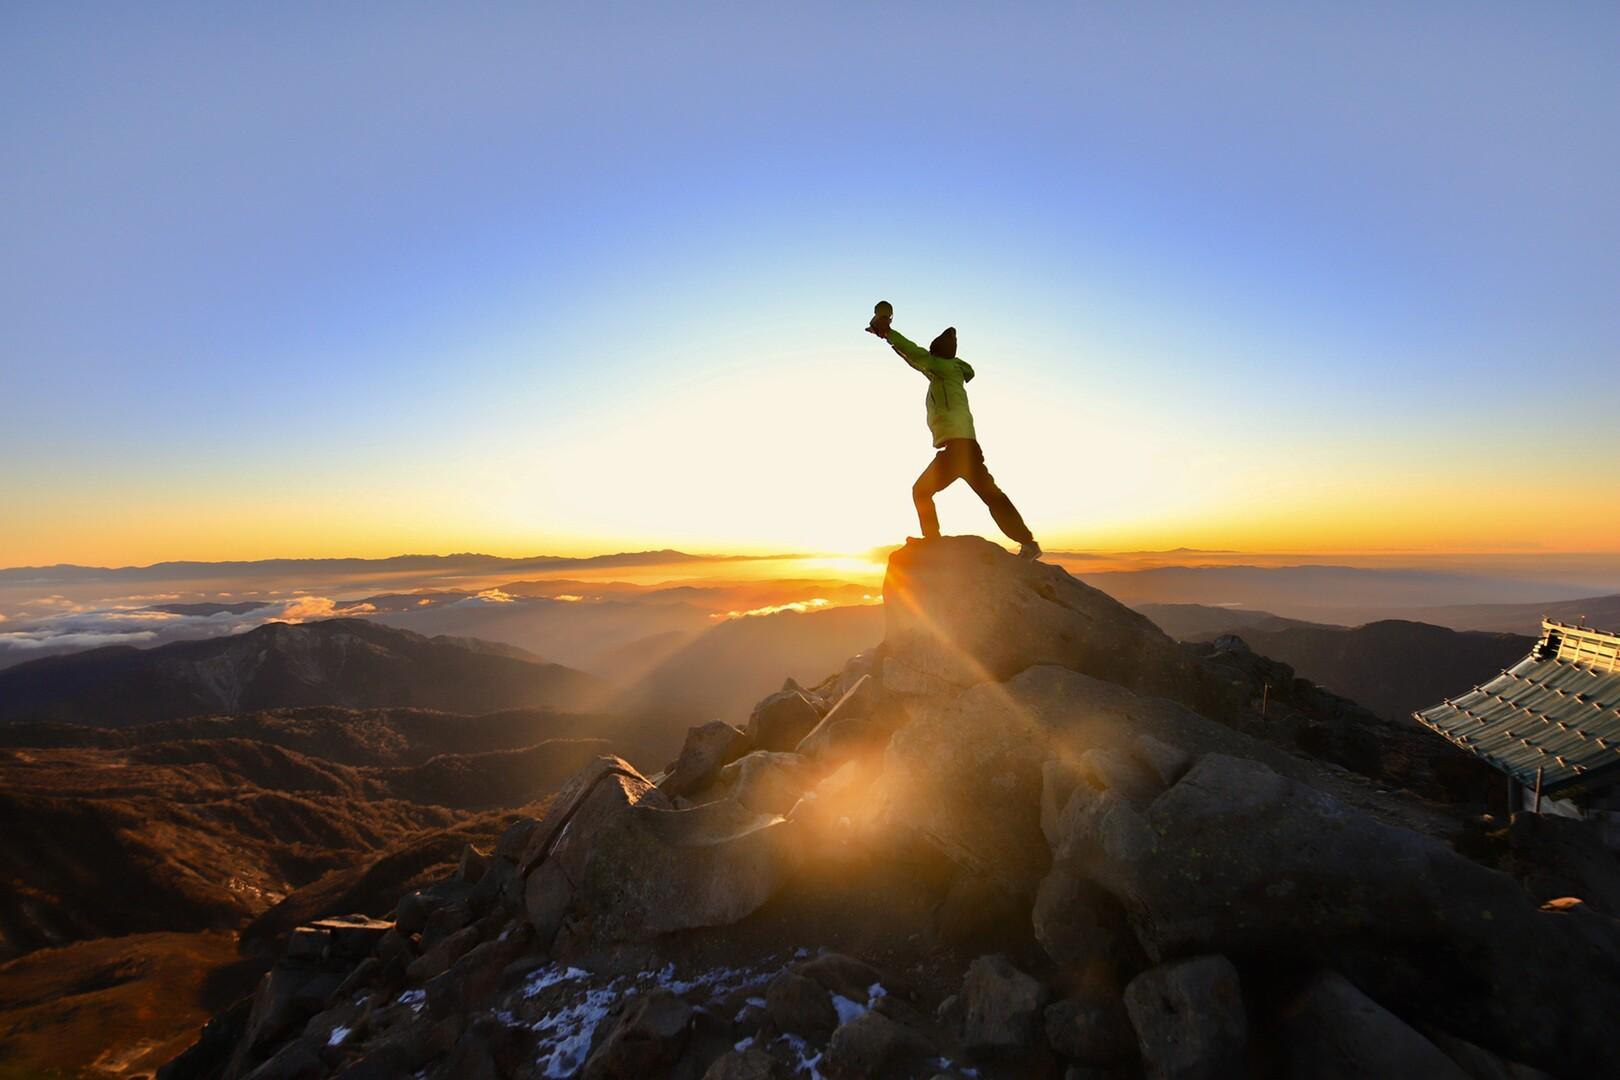 白山・別山・銚子ヶ峰-2019-11-05 / となりのクララさんの白山・別山・銚子ヶ峰の活動データ